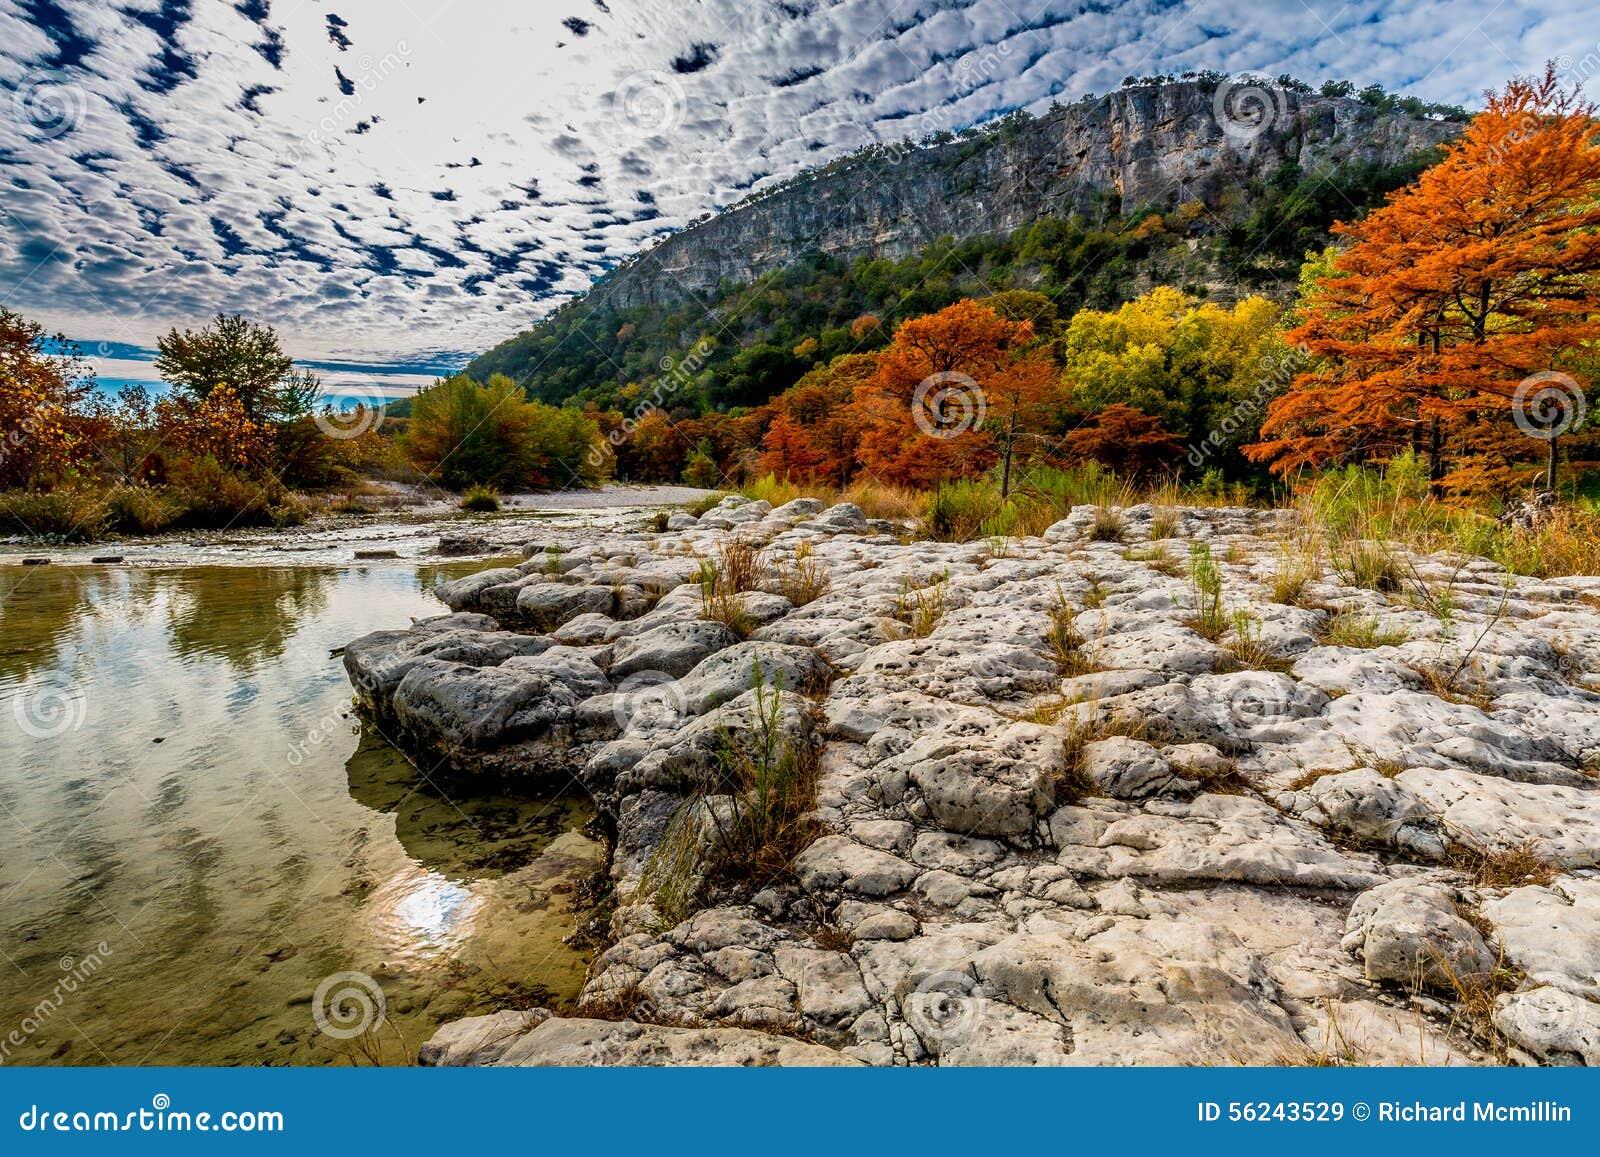 Bäume mit Herbstlaub auf Rocky Bank des Frio-Flusses mit Hügel im Hintergrund